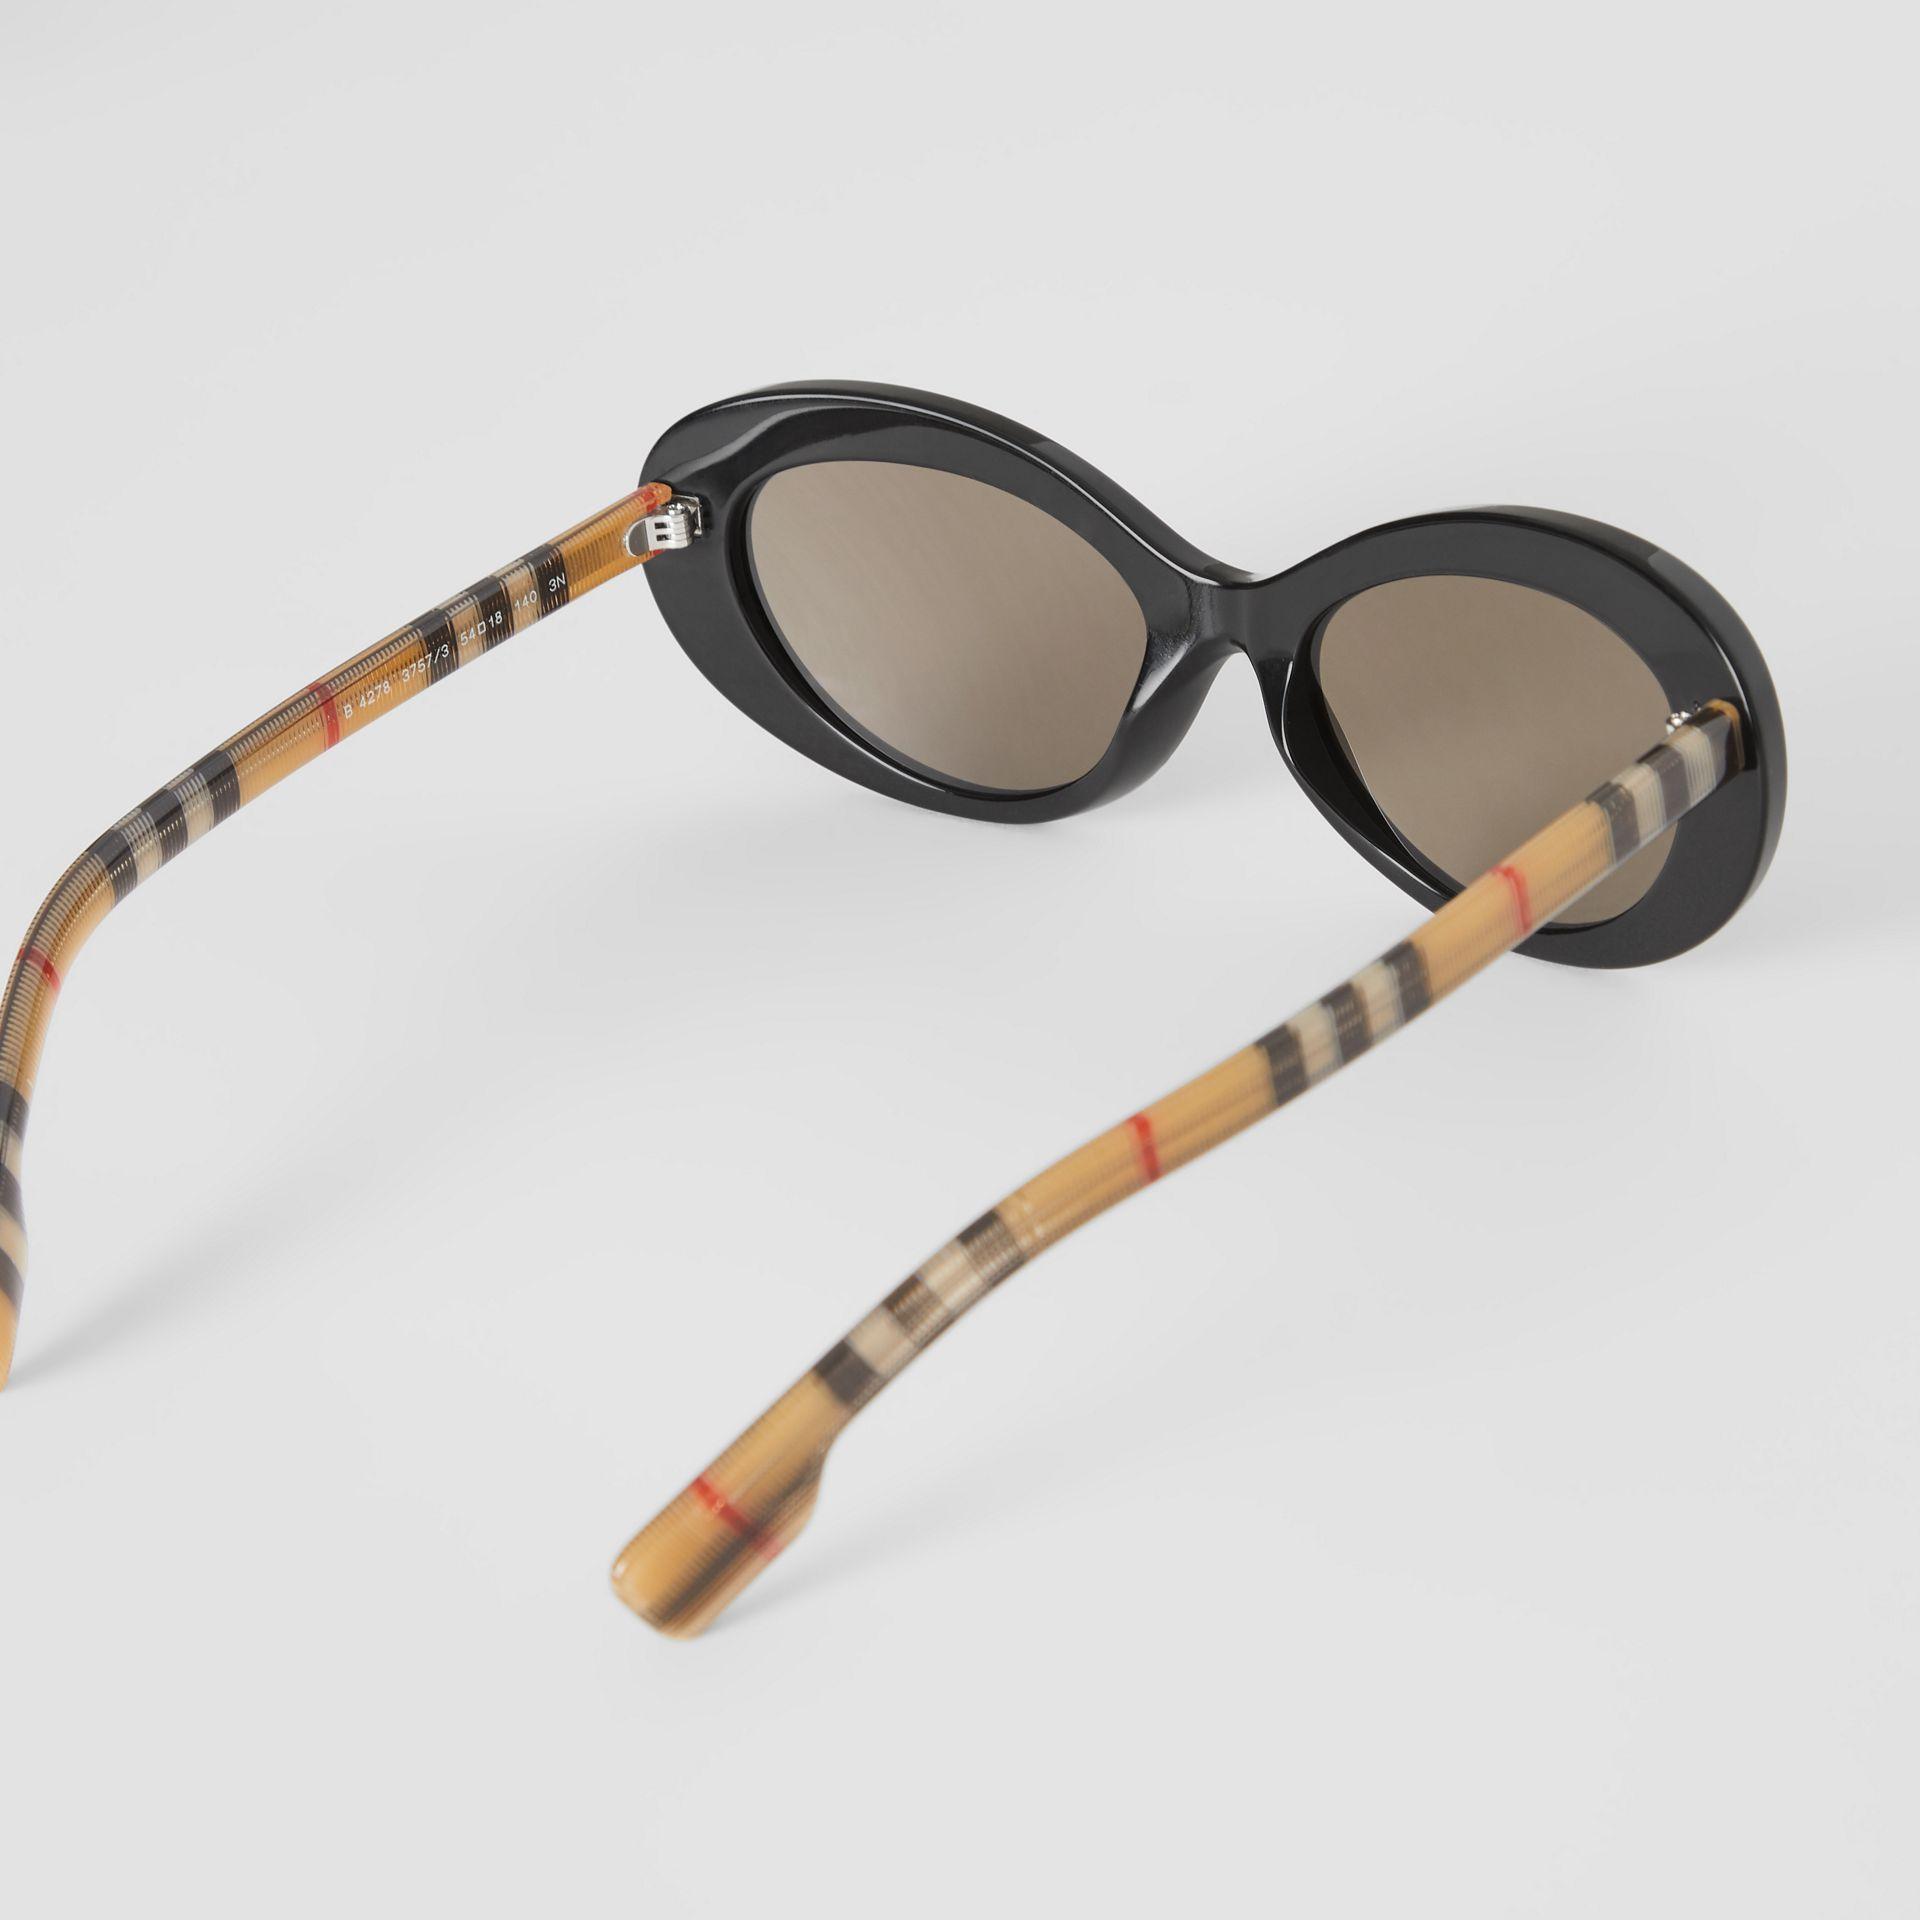 5e61e8e8de59 Burberry Vintage Check Detail Cat-eye Frame Sunglasses in Black - Lyst